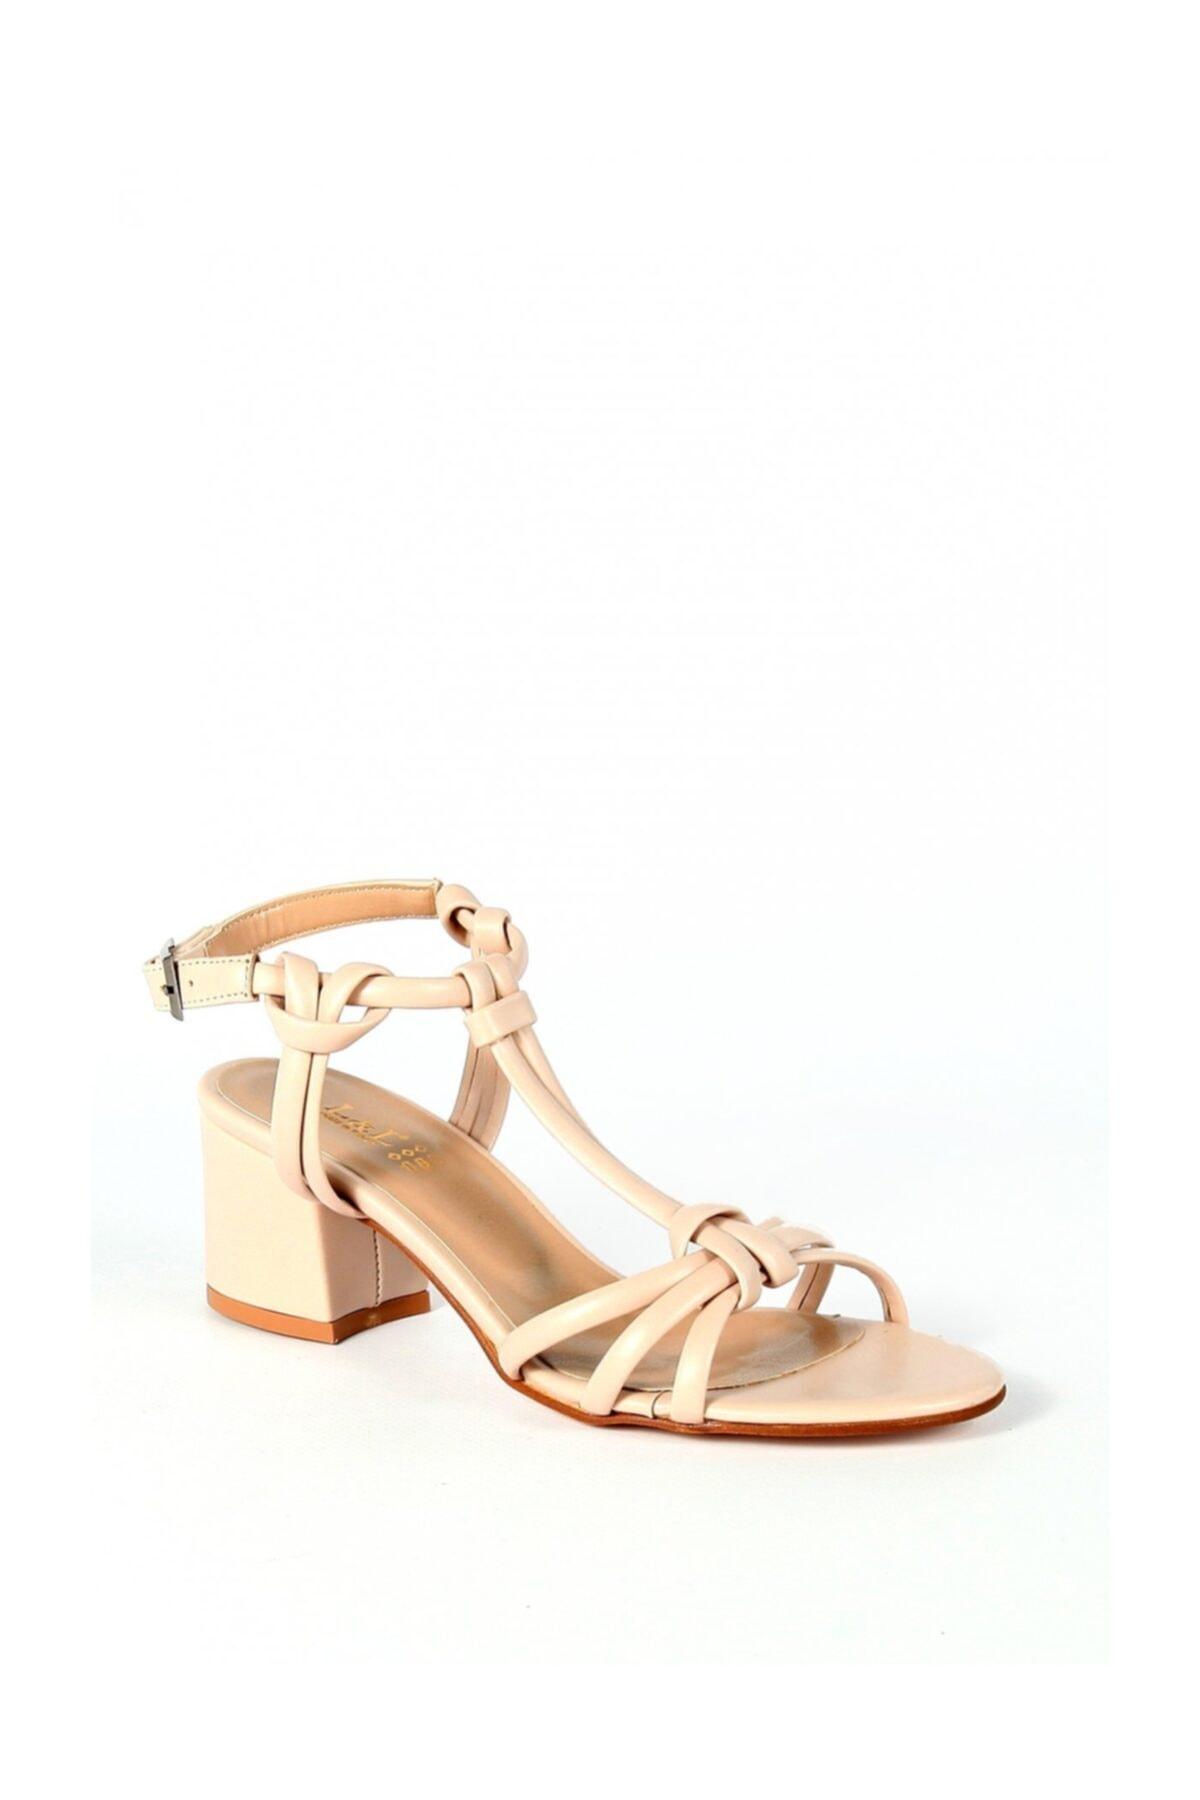 Hayati Arman Kadın Topuklu Ayakkabı 1